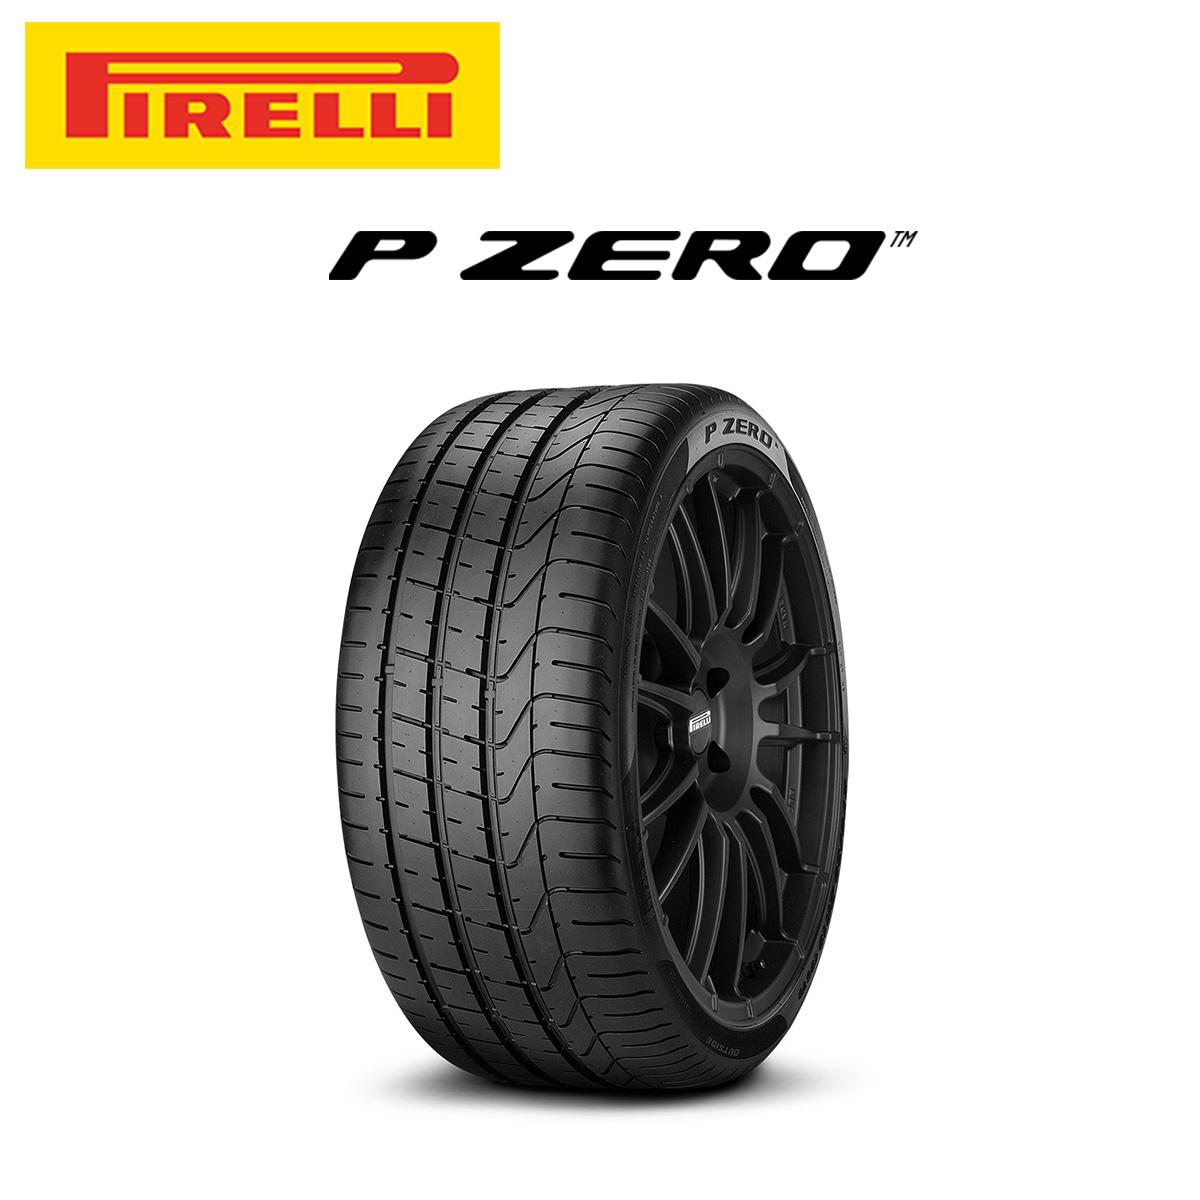 ピレリ PIRELLI P ZERO ピーゼロ 21インチ サマー タイヤ 1本 265/45ZR21 104W 2530900